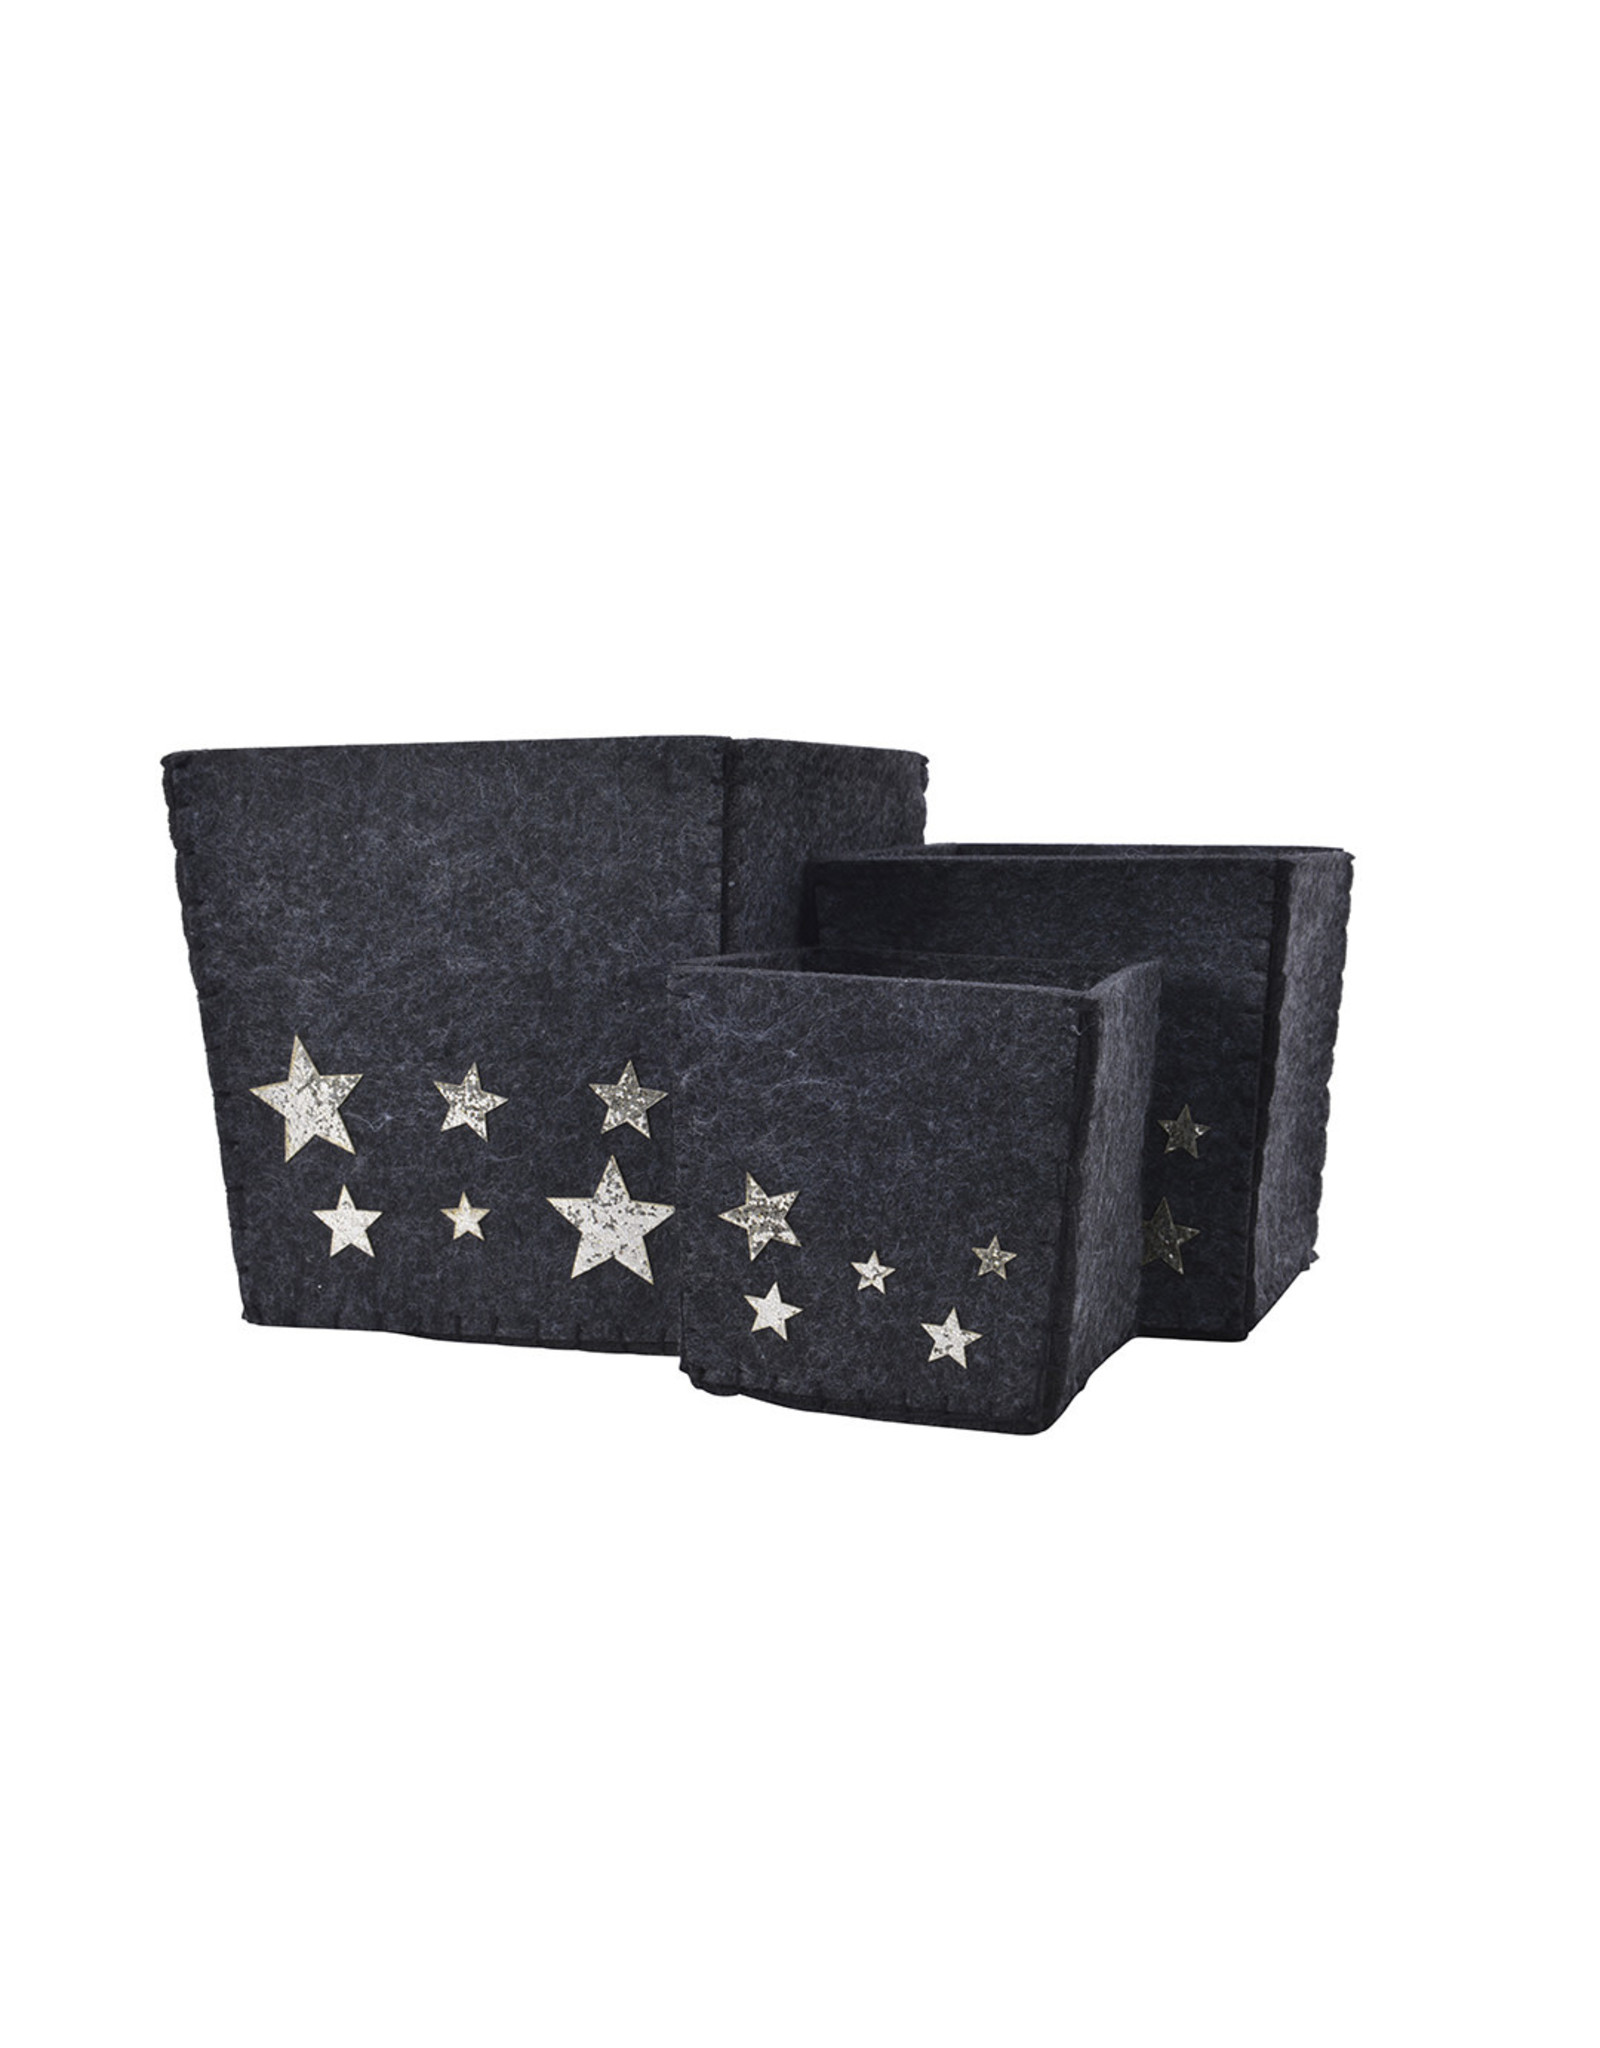 Kaemingk Black glitter felt box with foil stars